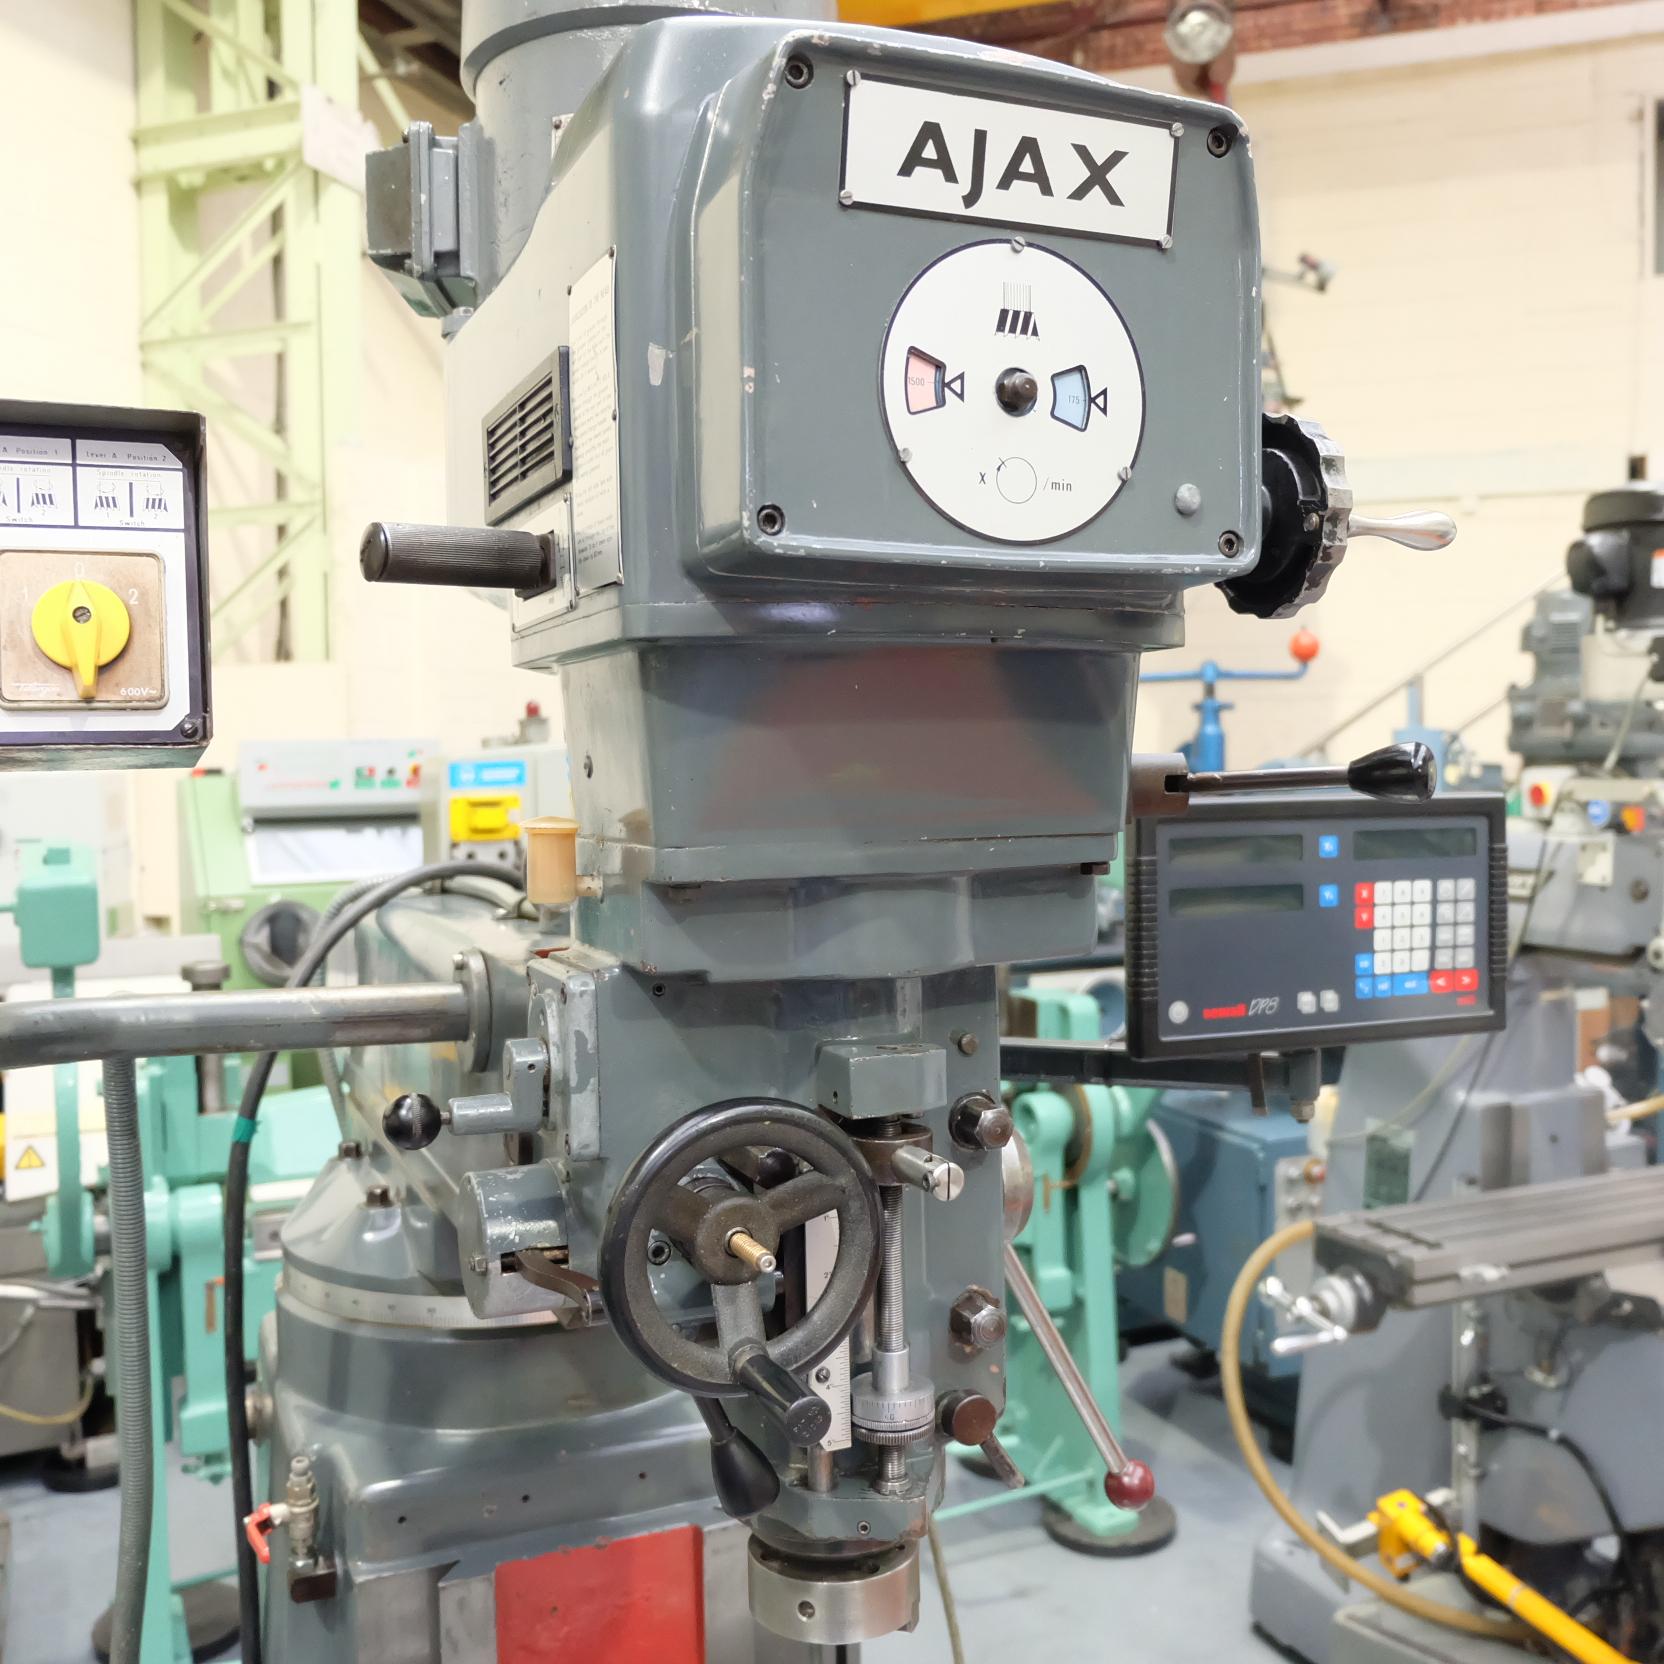 Ajax Model AJT4 Turret Milling Machine. - Image 3 of 9